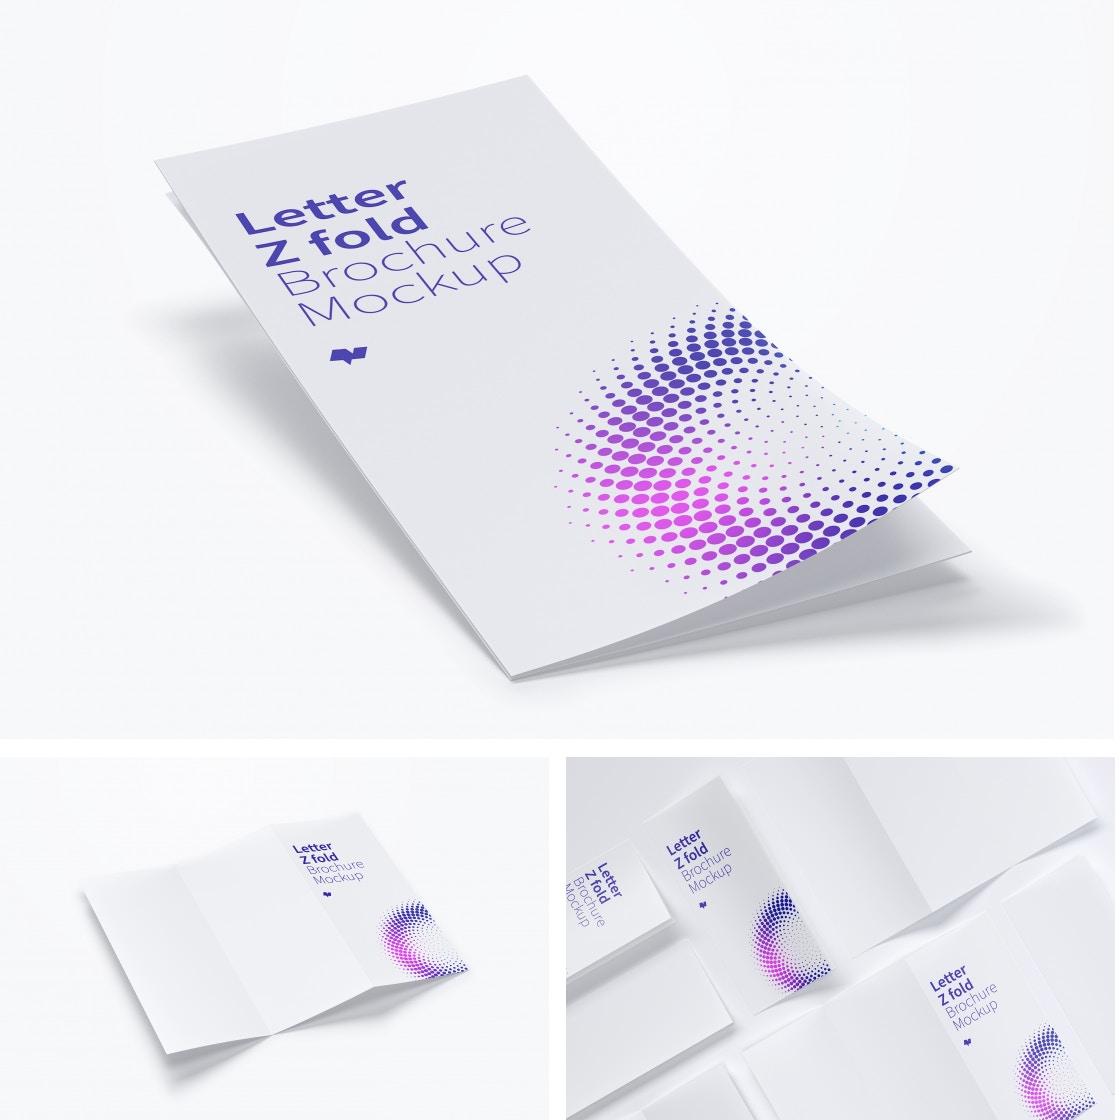 Letter Z Fold Brochure Mockups by Original Mockups on Original Mockups